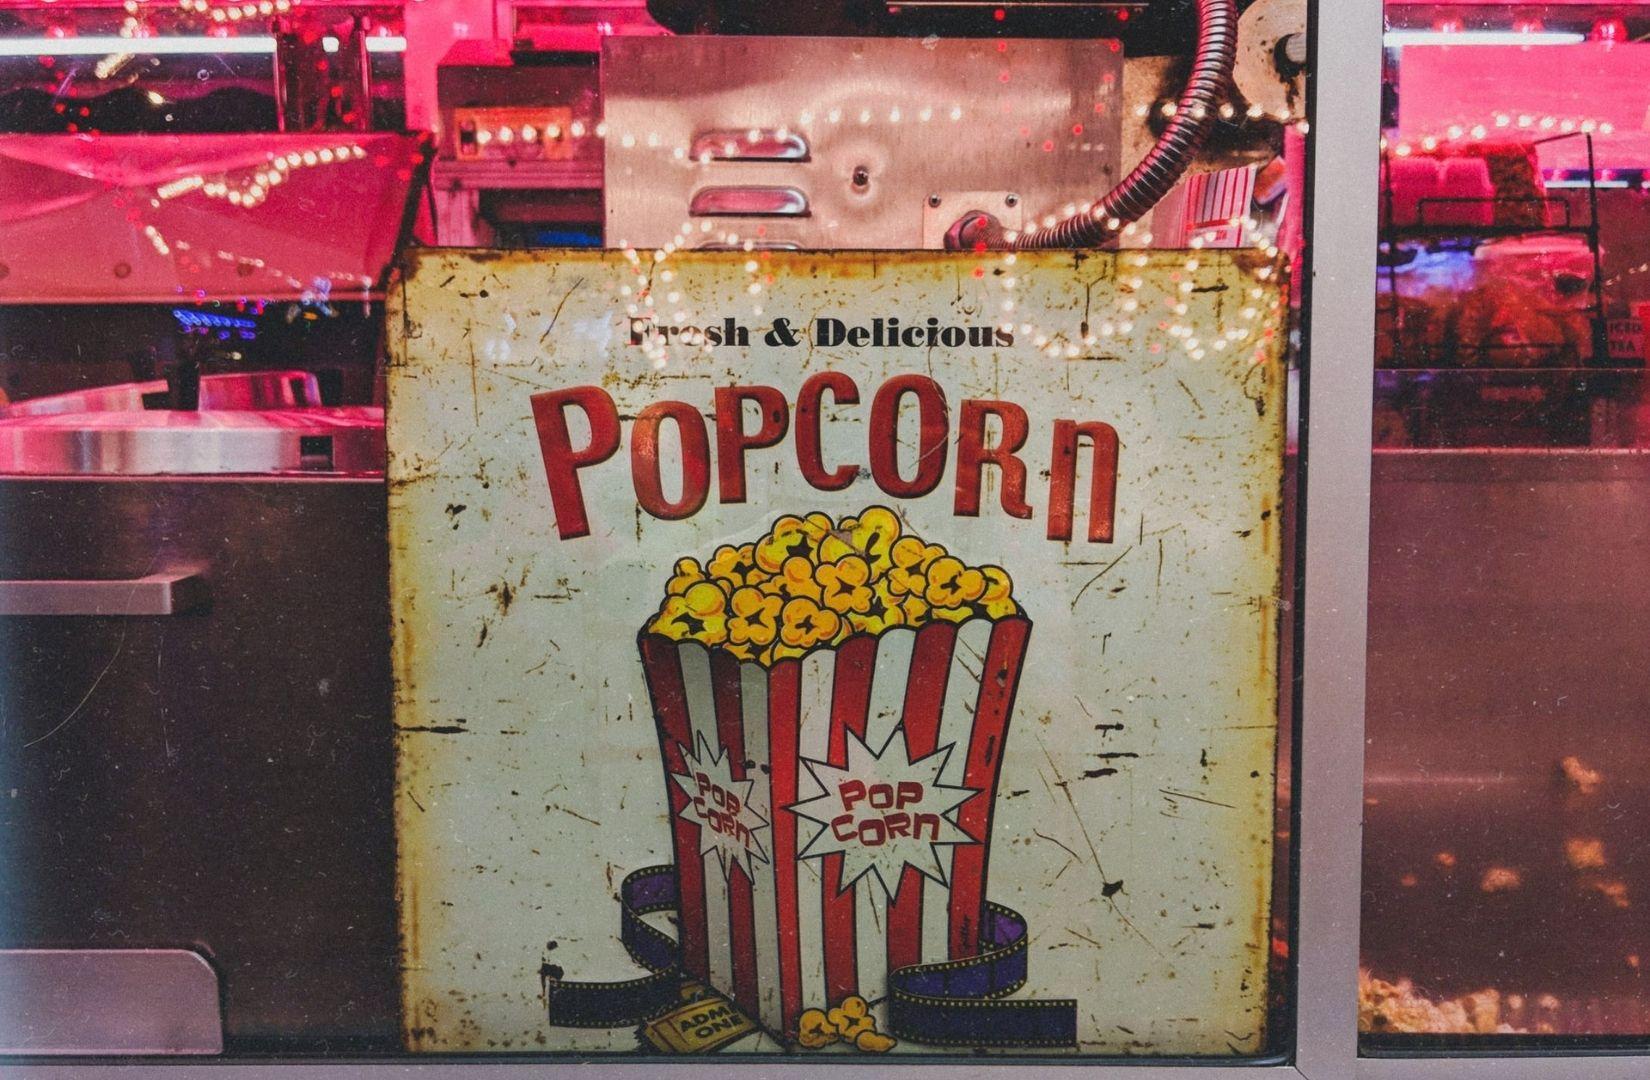 Popcorn als Symbol für die Weltpolitik von USA und EU. (Foto: Rita Vicari, Unsplash.com)